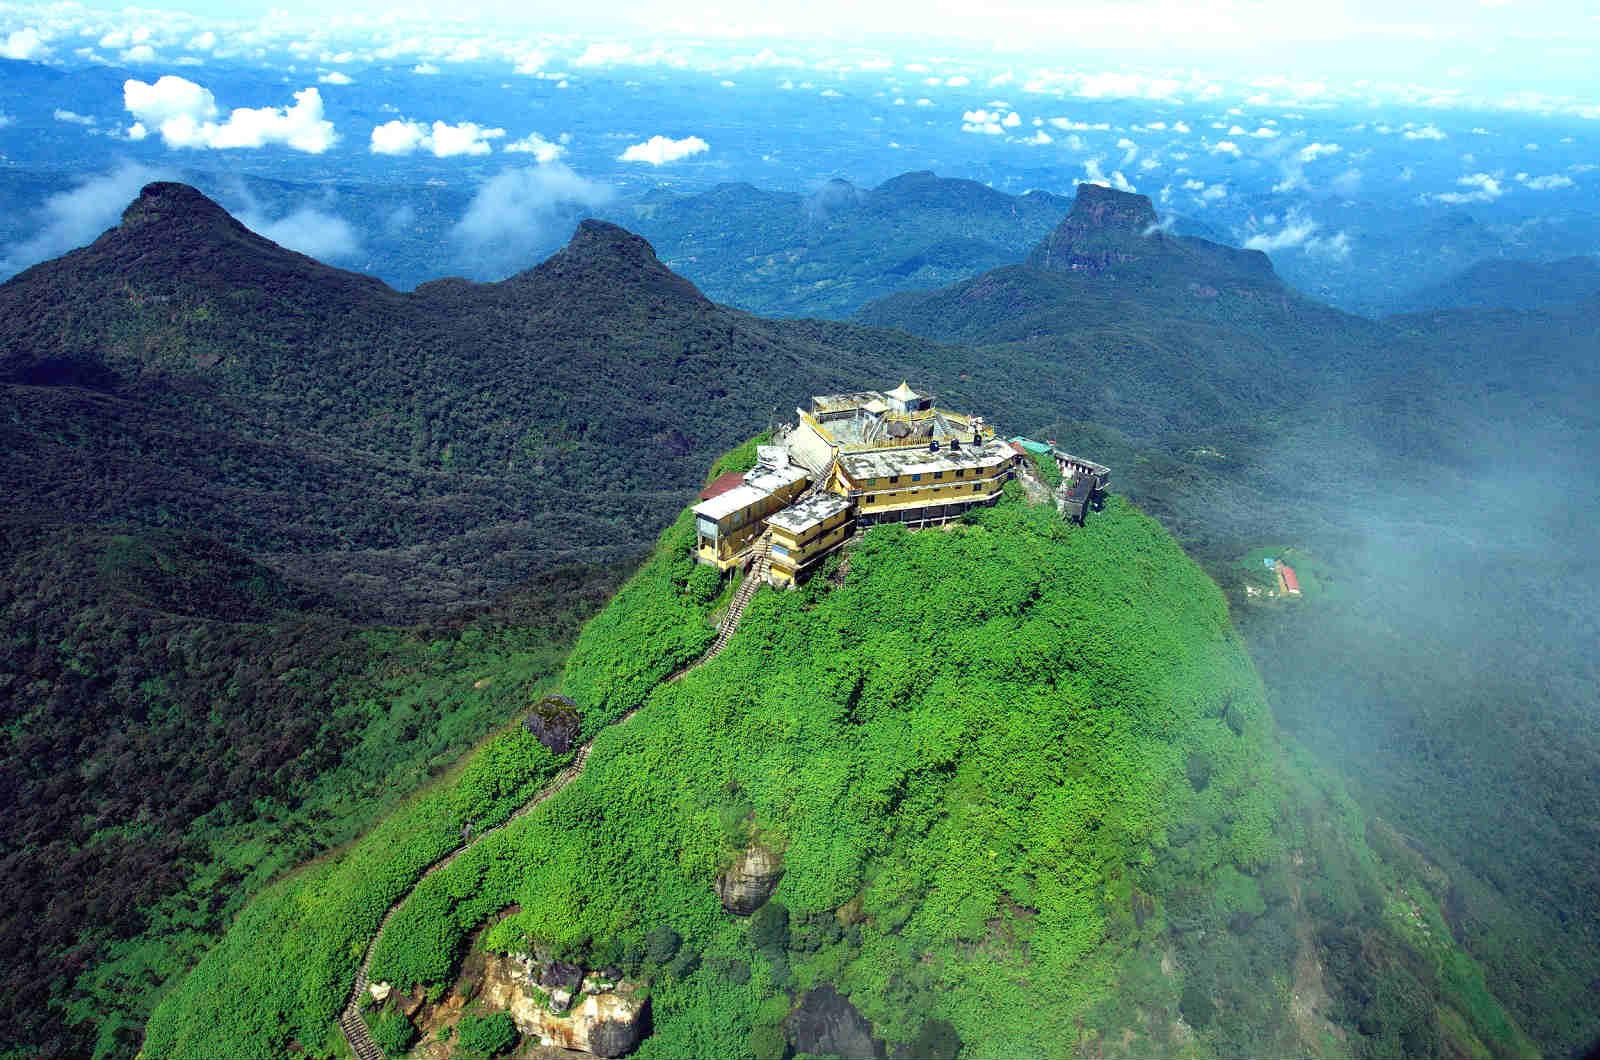 ТОП-20 достопримечательностей Шри-Ланки: фото, названия, описание